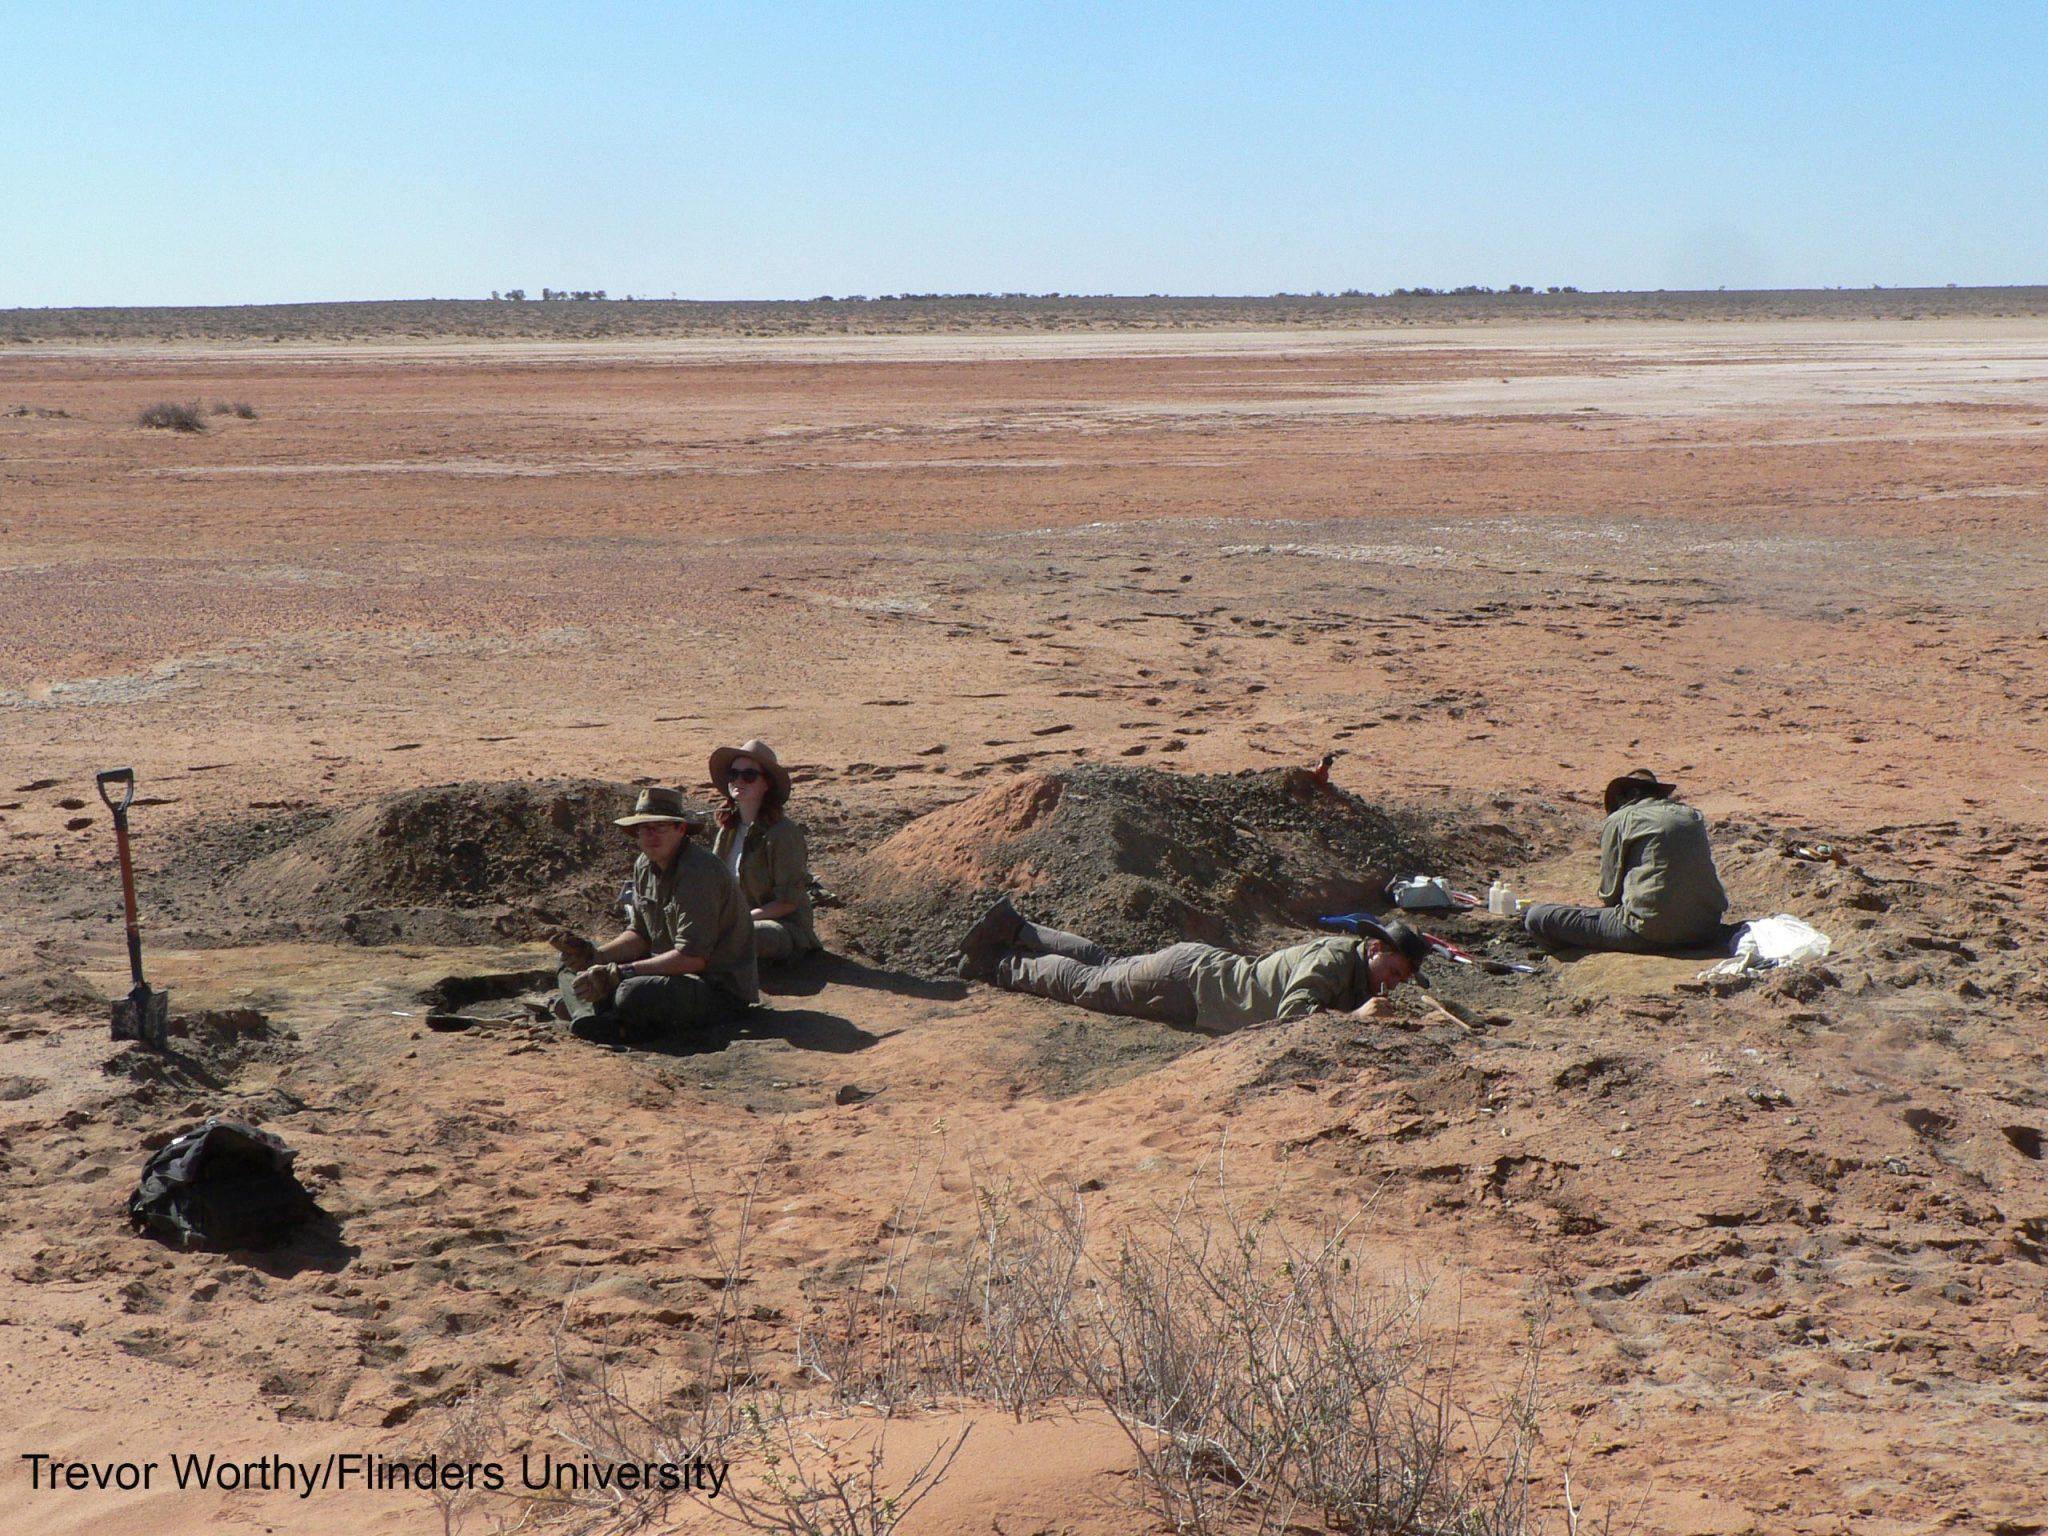 澳大利亚发现2500万年前的鹰化石——Archaehierax sylvestris